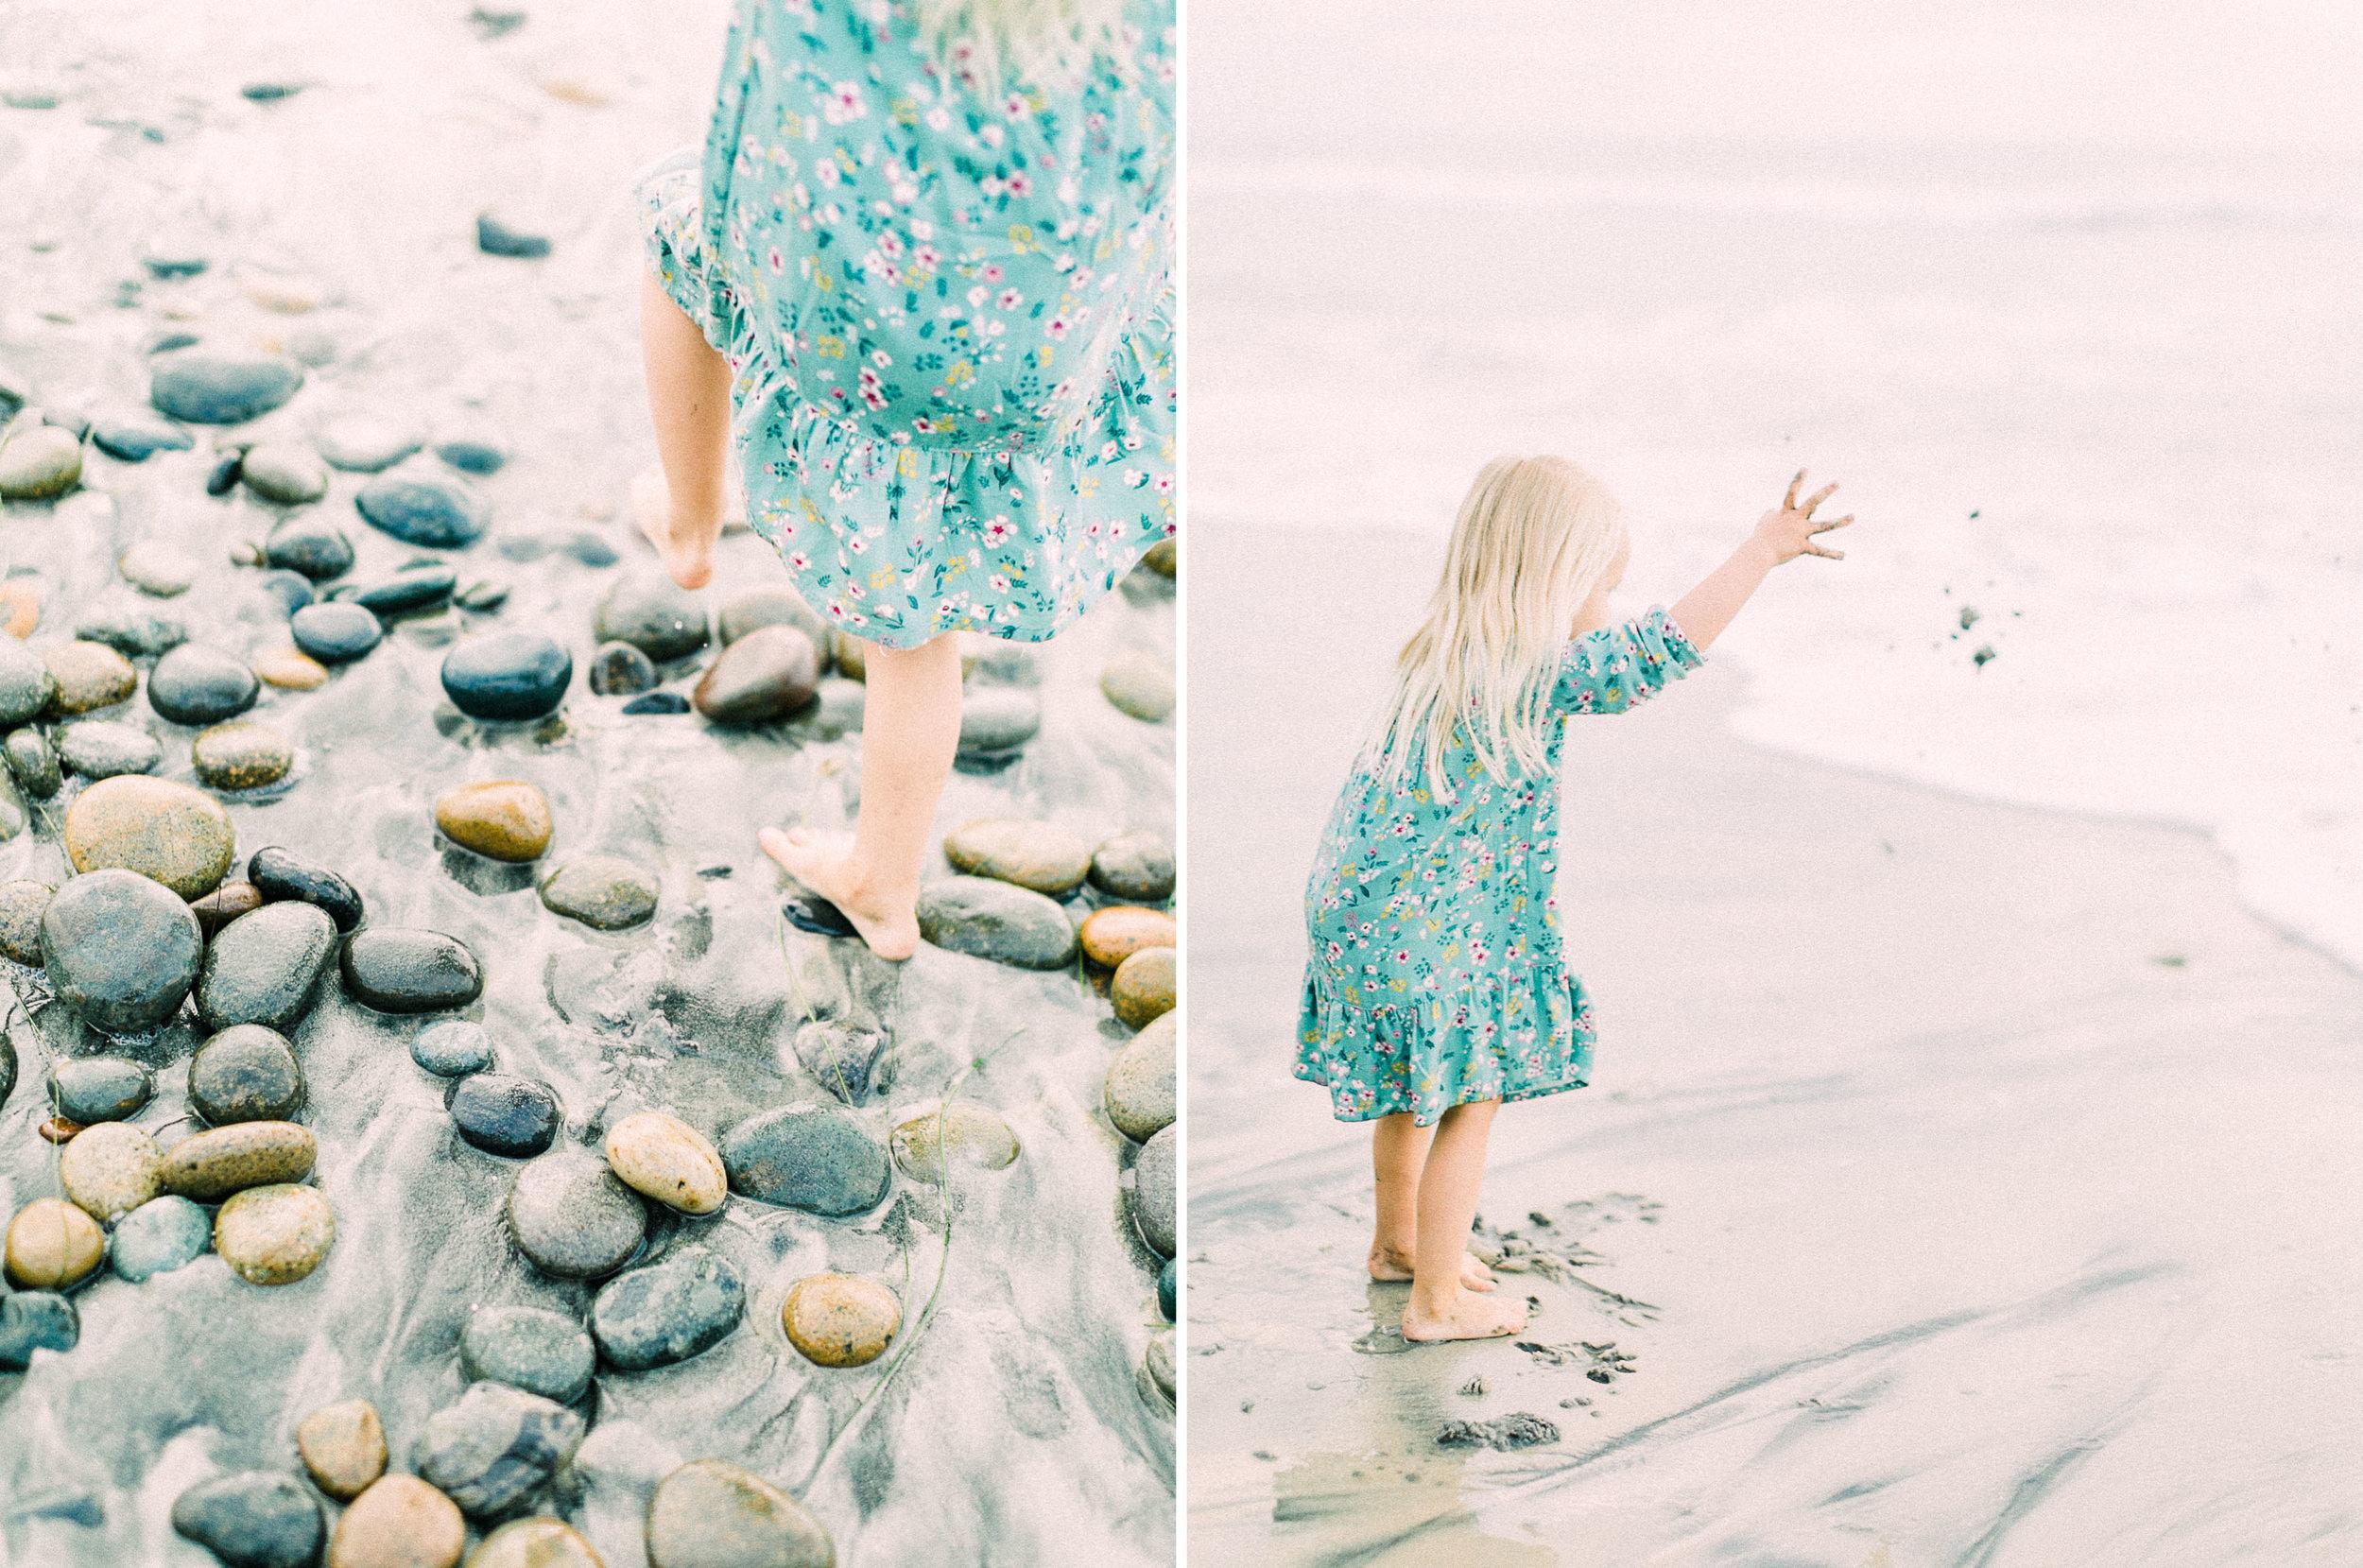 boise-family-photographer-6.jpg